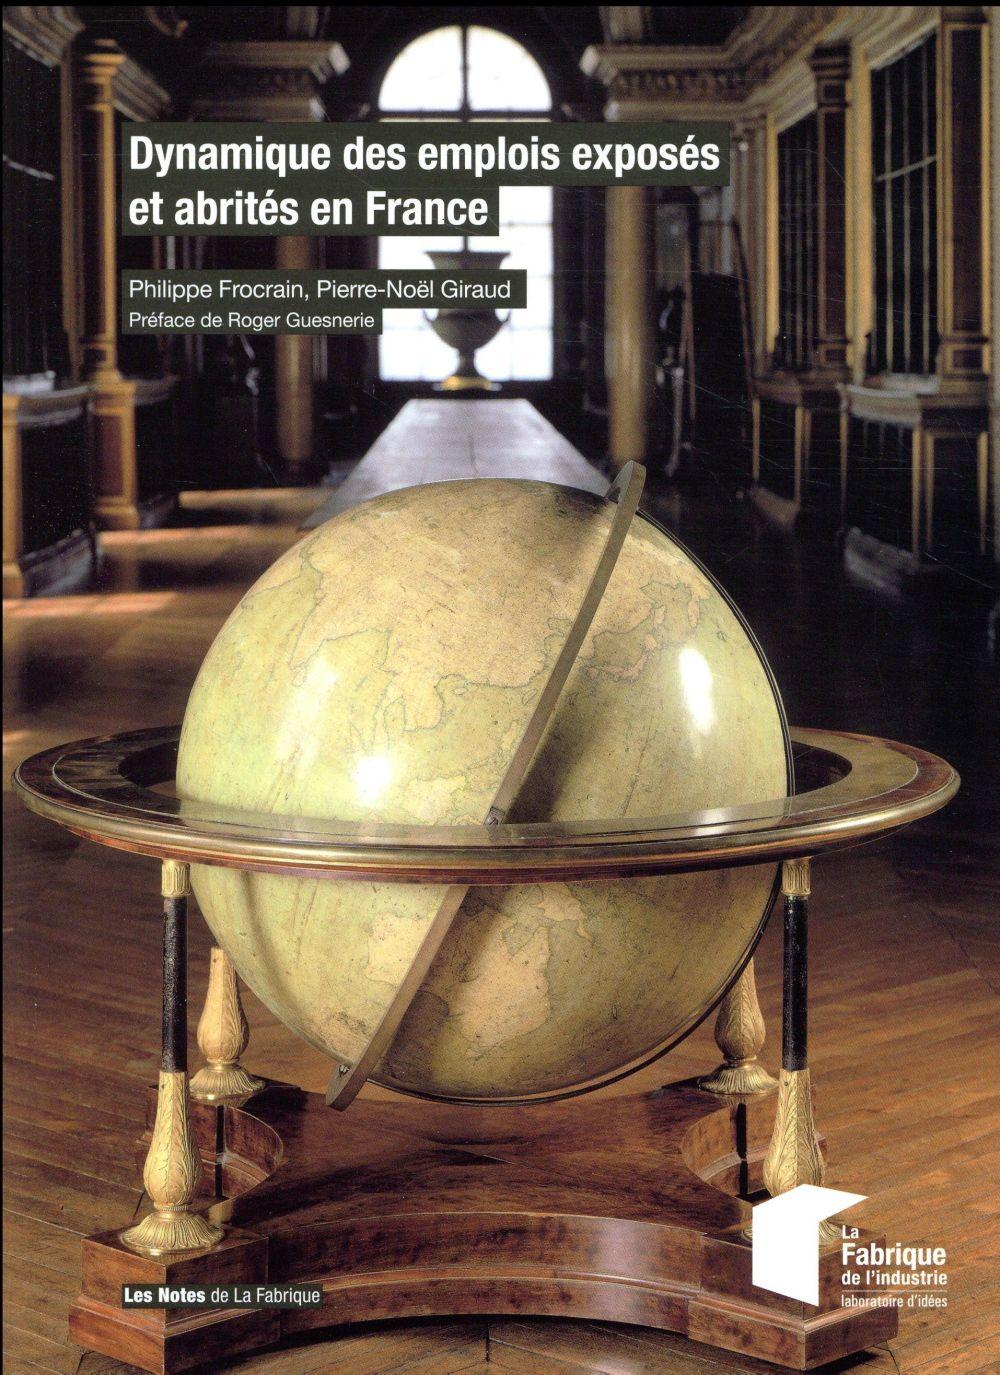 Dynamique des emplois exposés et abrités en France